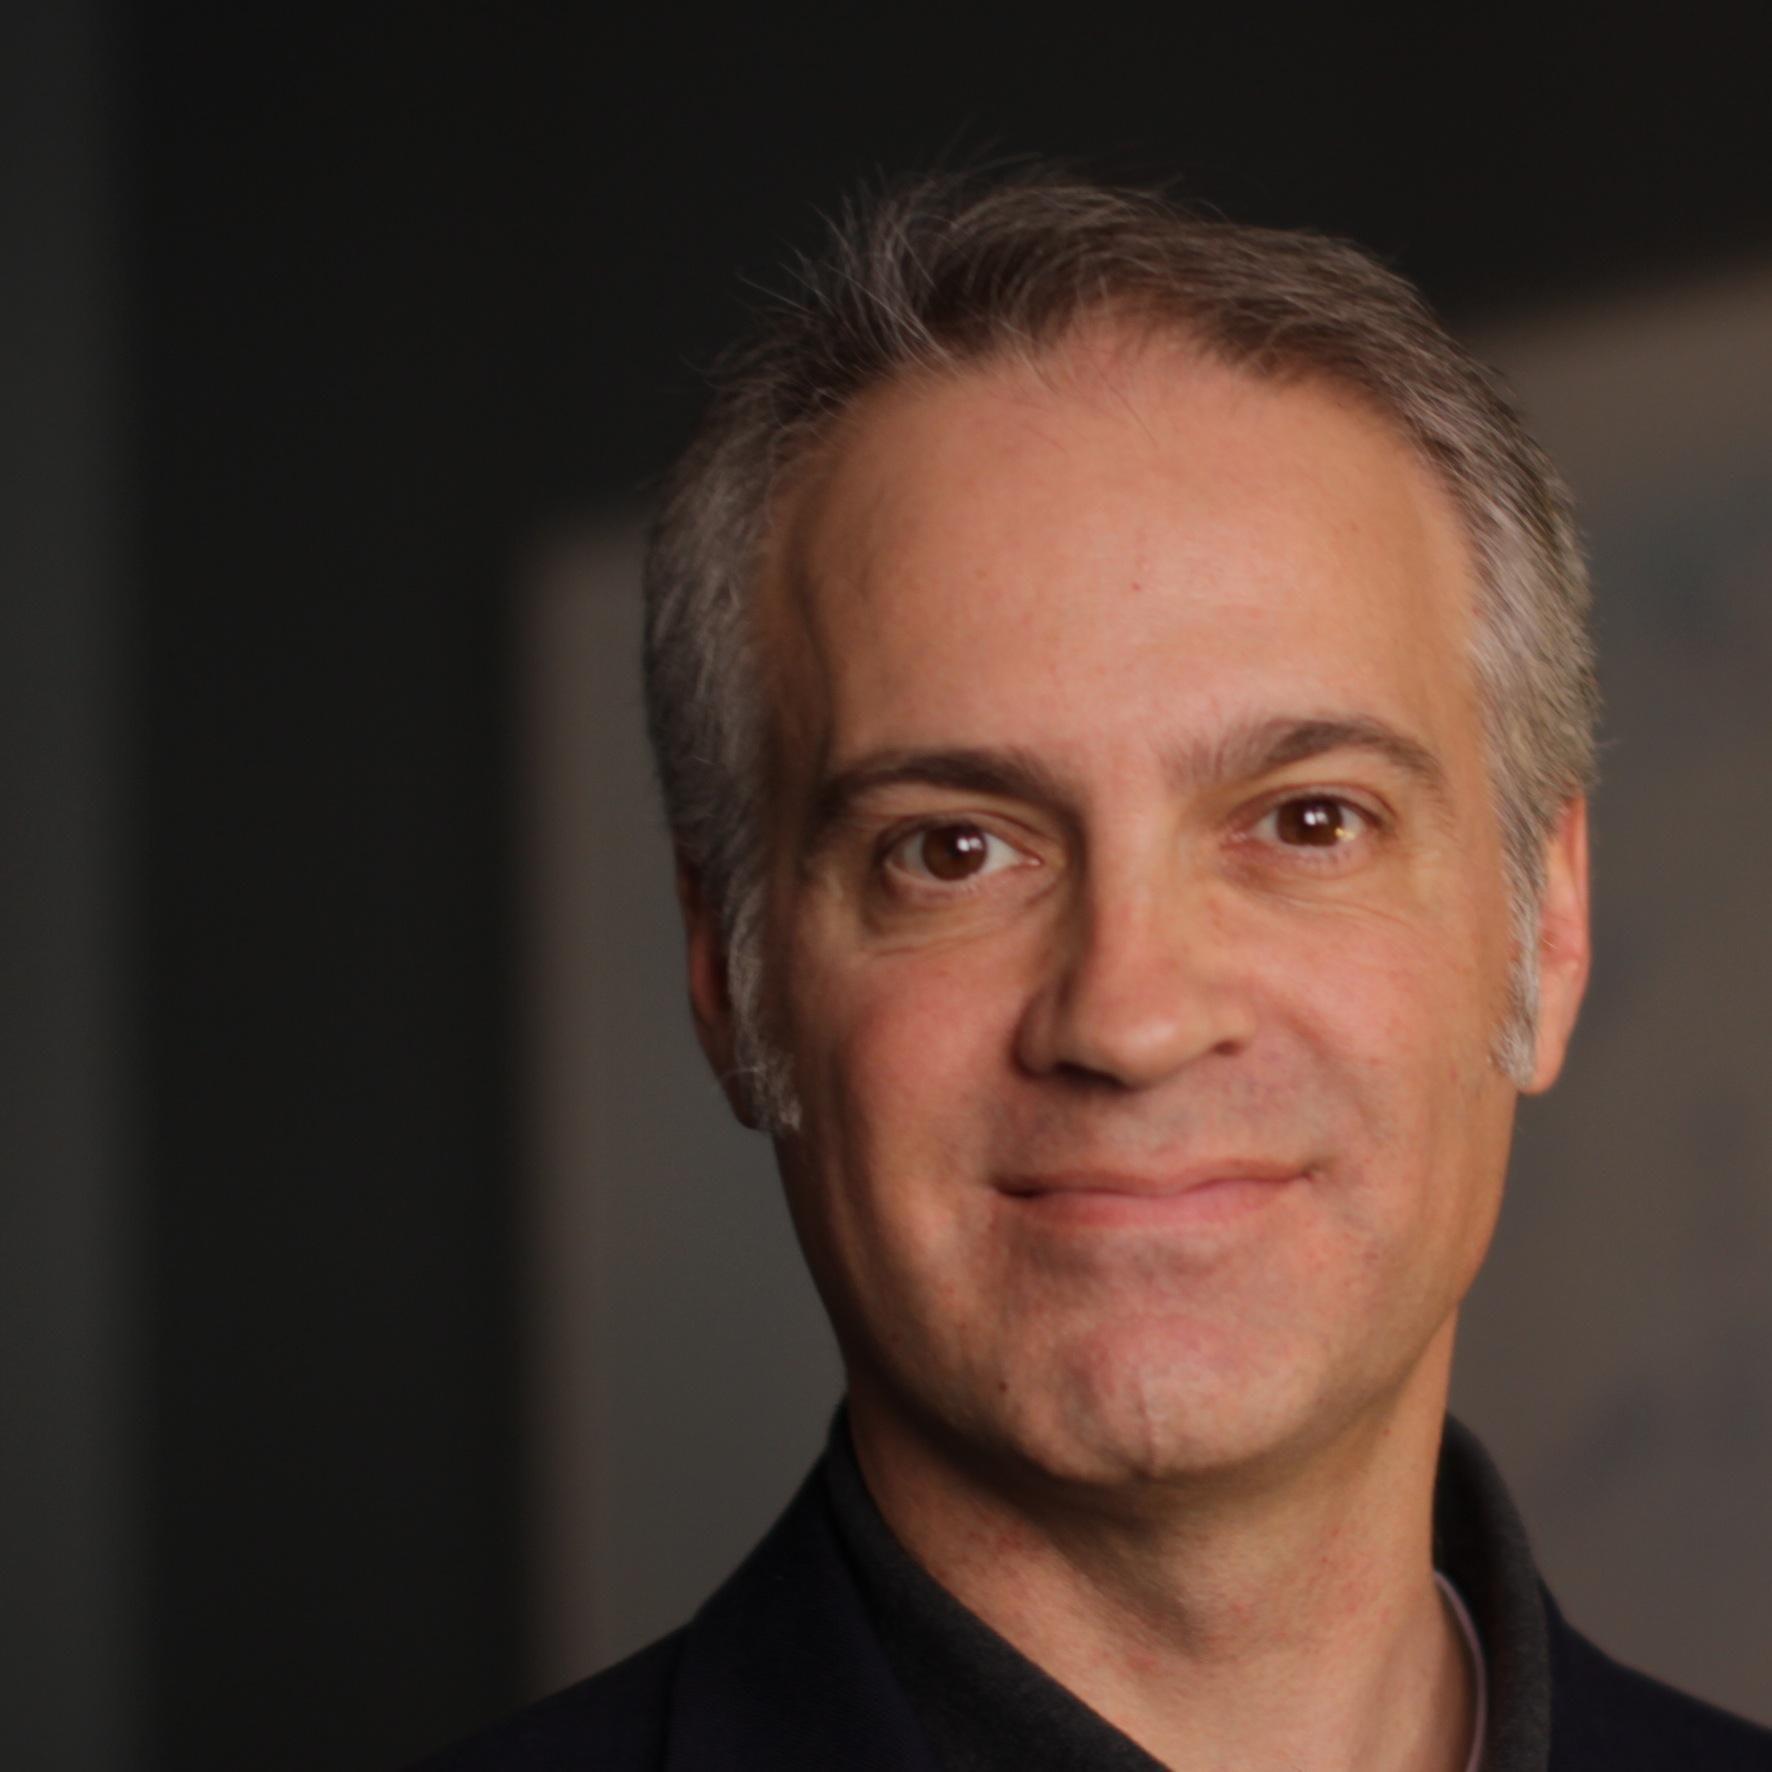 Paul Bottino